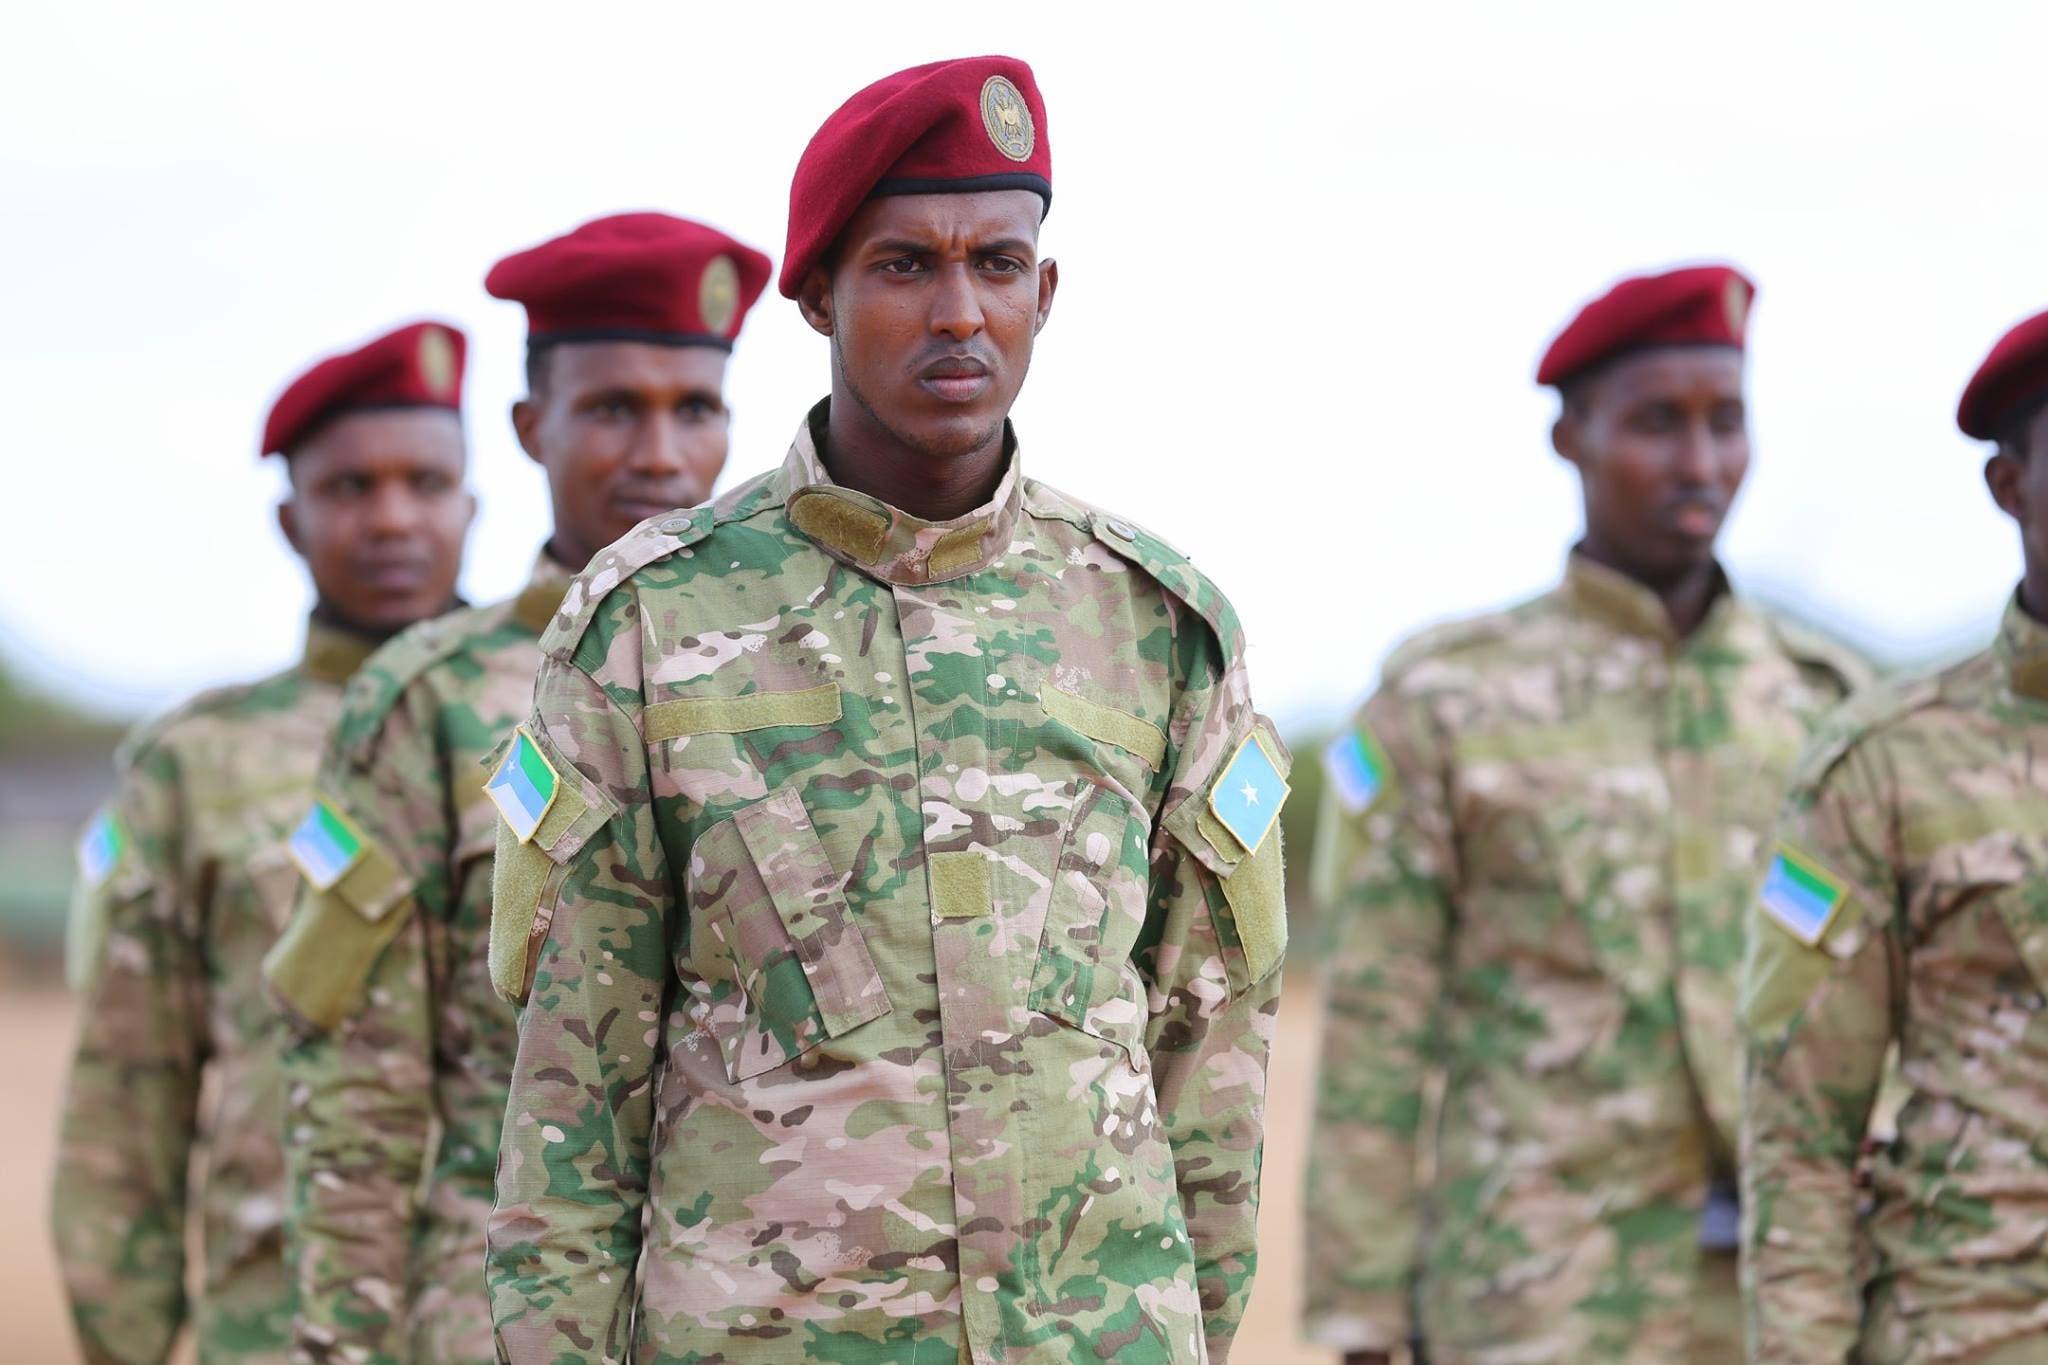 Diiwaan-galin lagu billaabay askartii sida qarsoodiga ah loogu qaaday dalka Eritrea